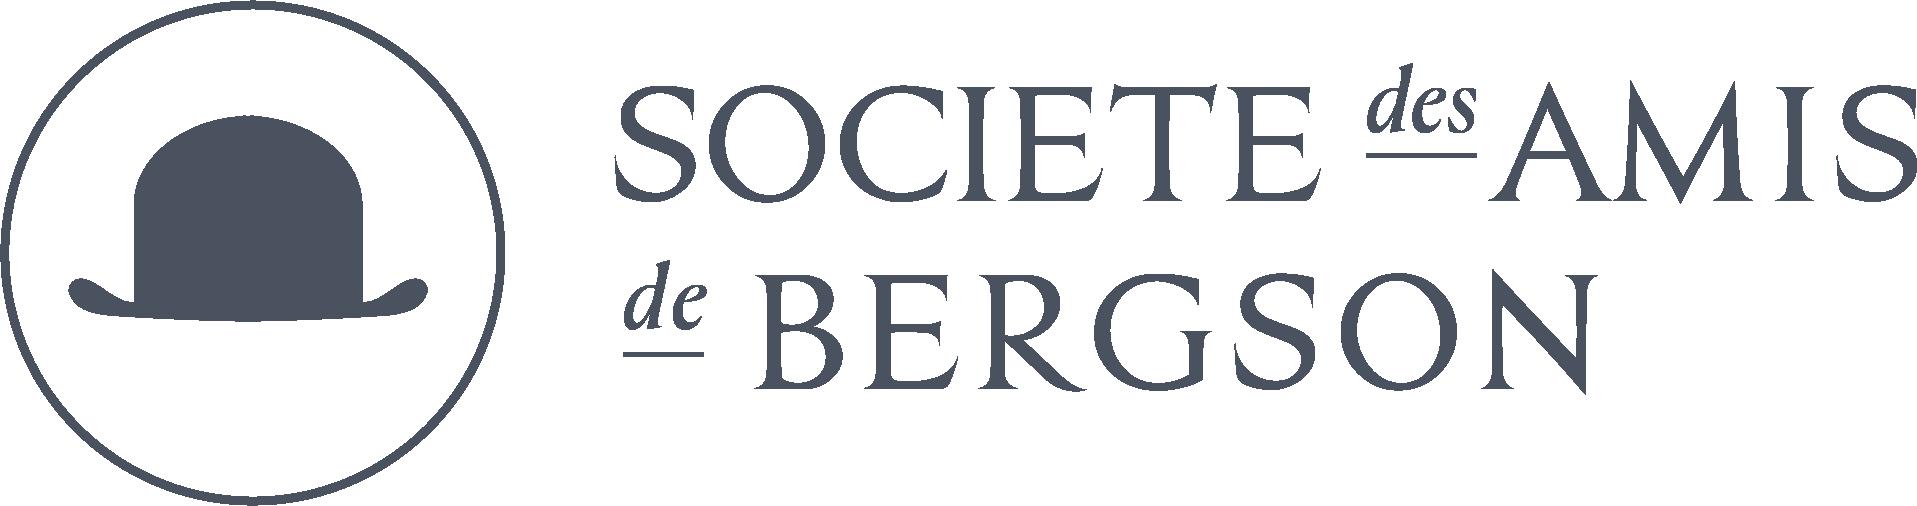 Société des amis de Bergson